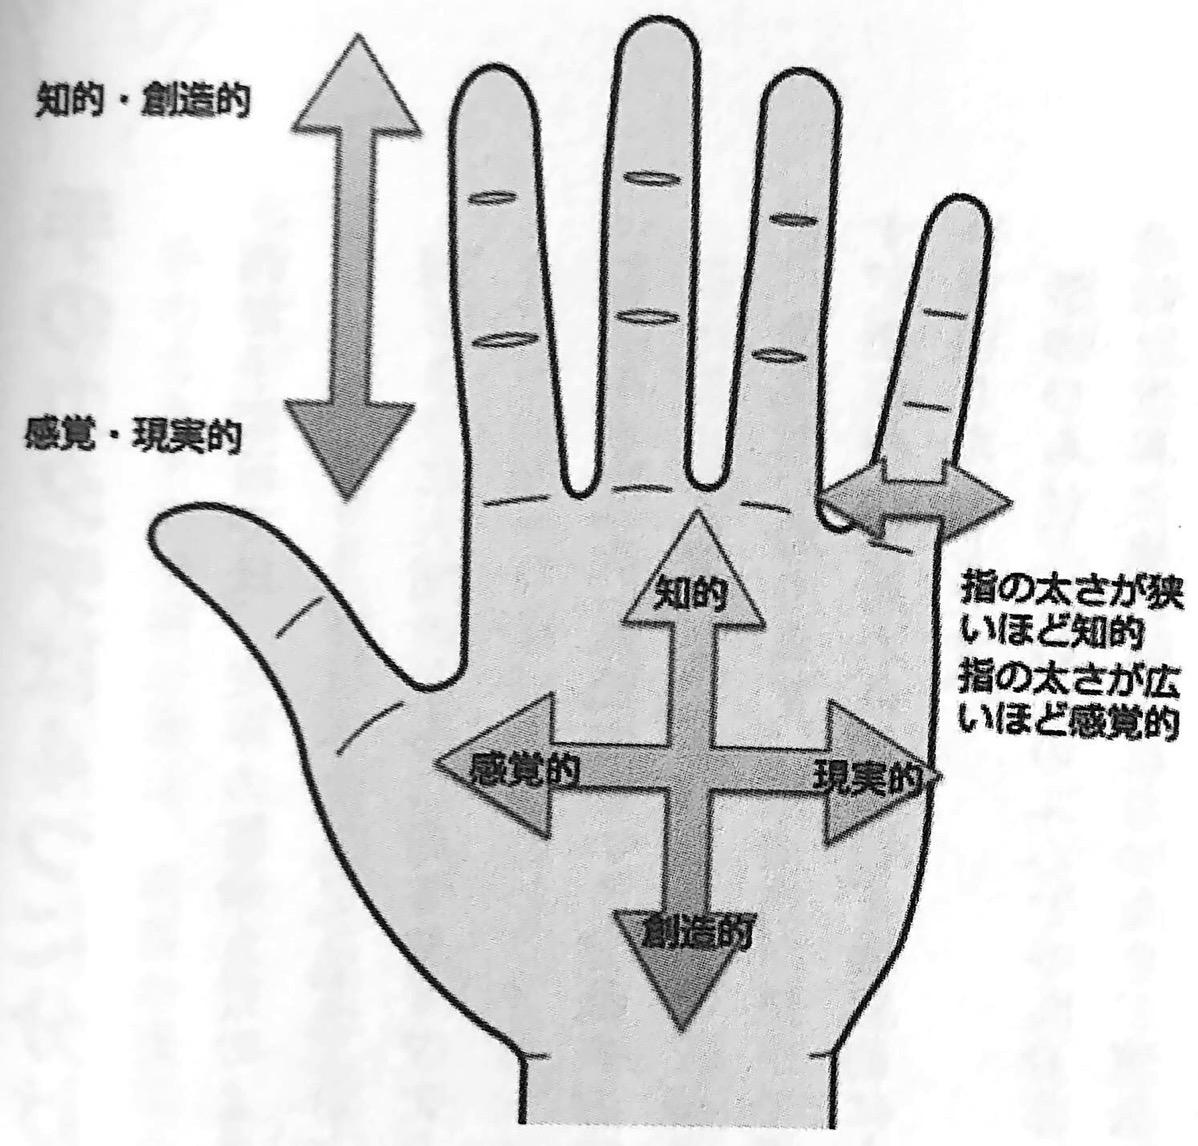 図4 手の形 からわかる性格判断 手だけで本性がわかる 第3章